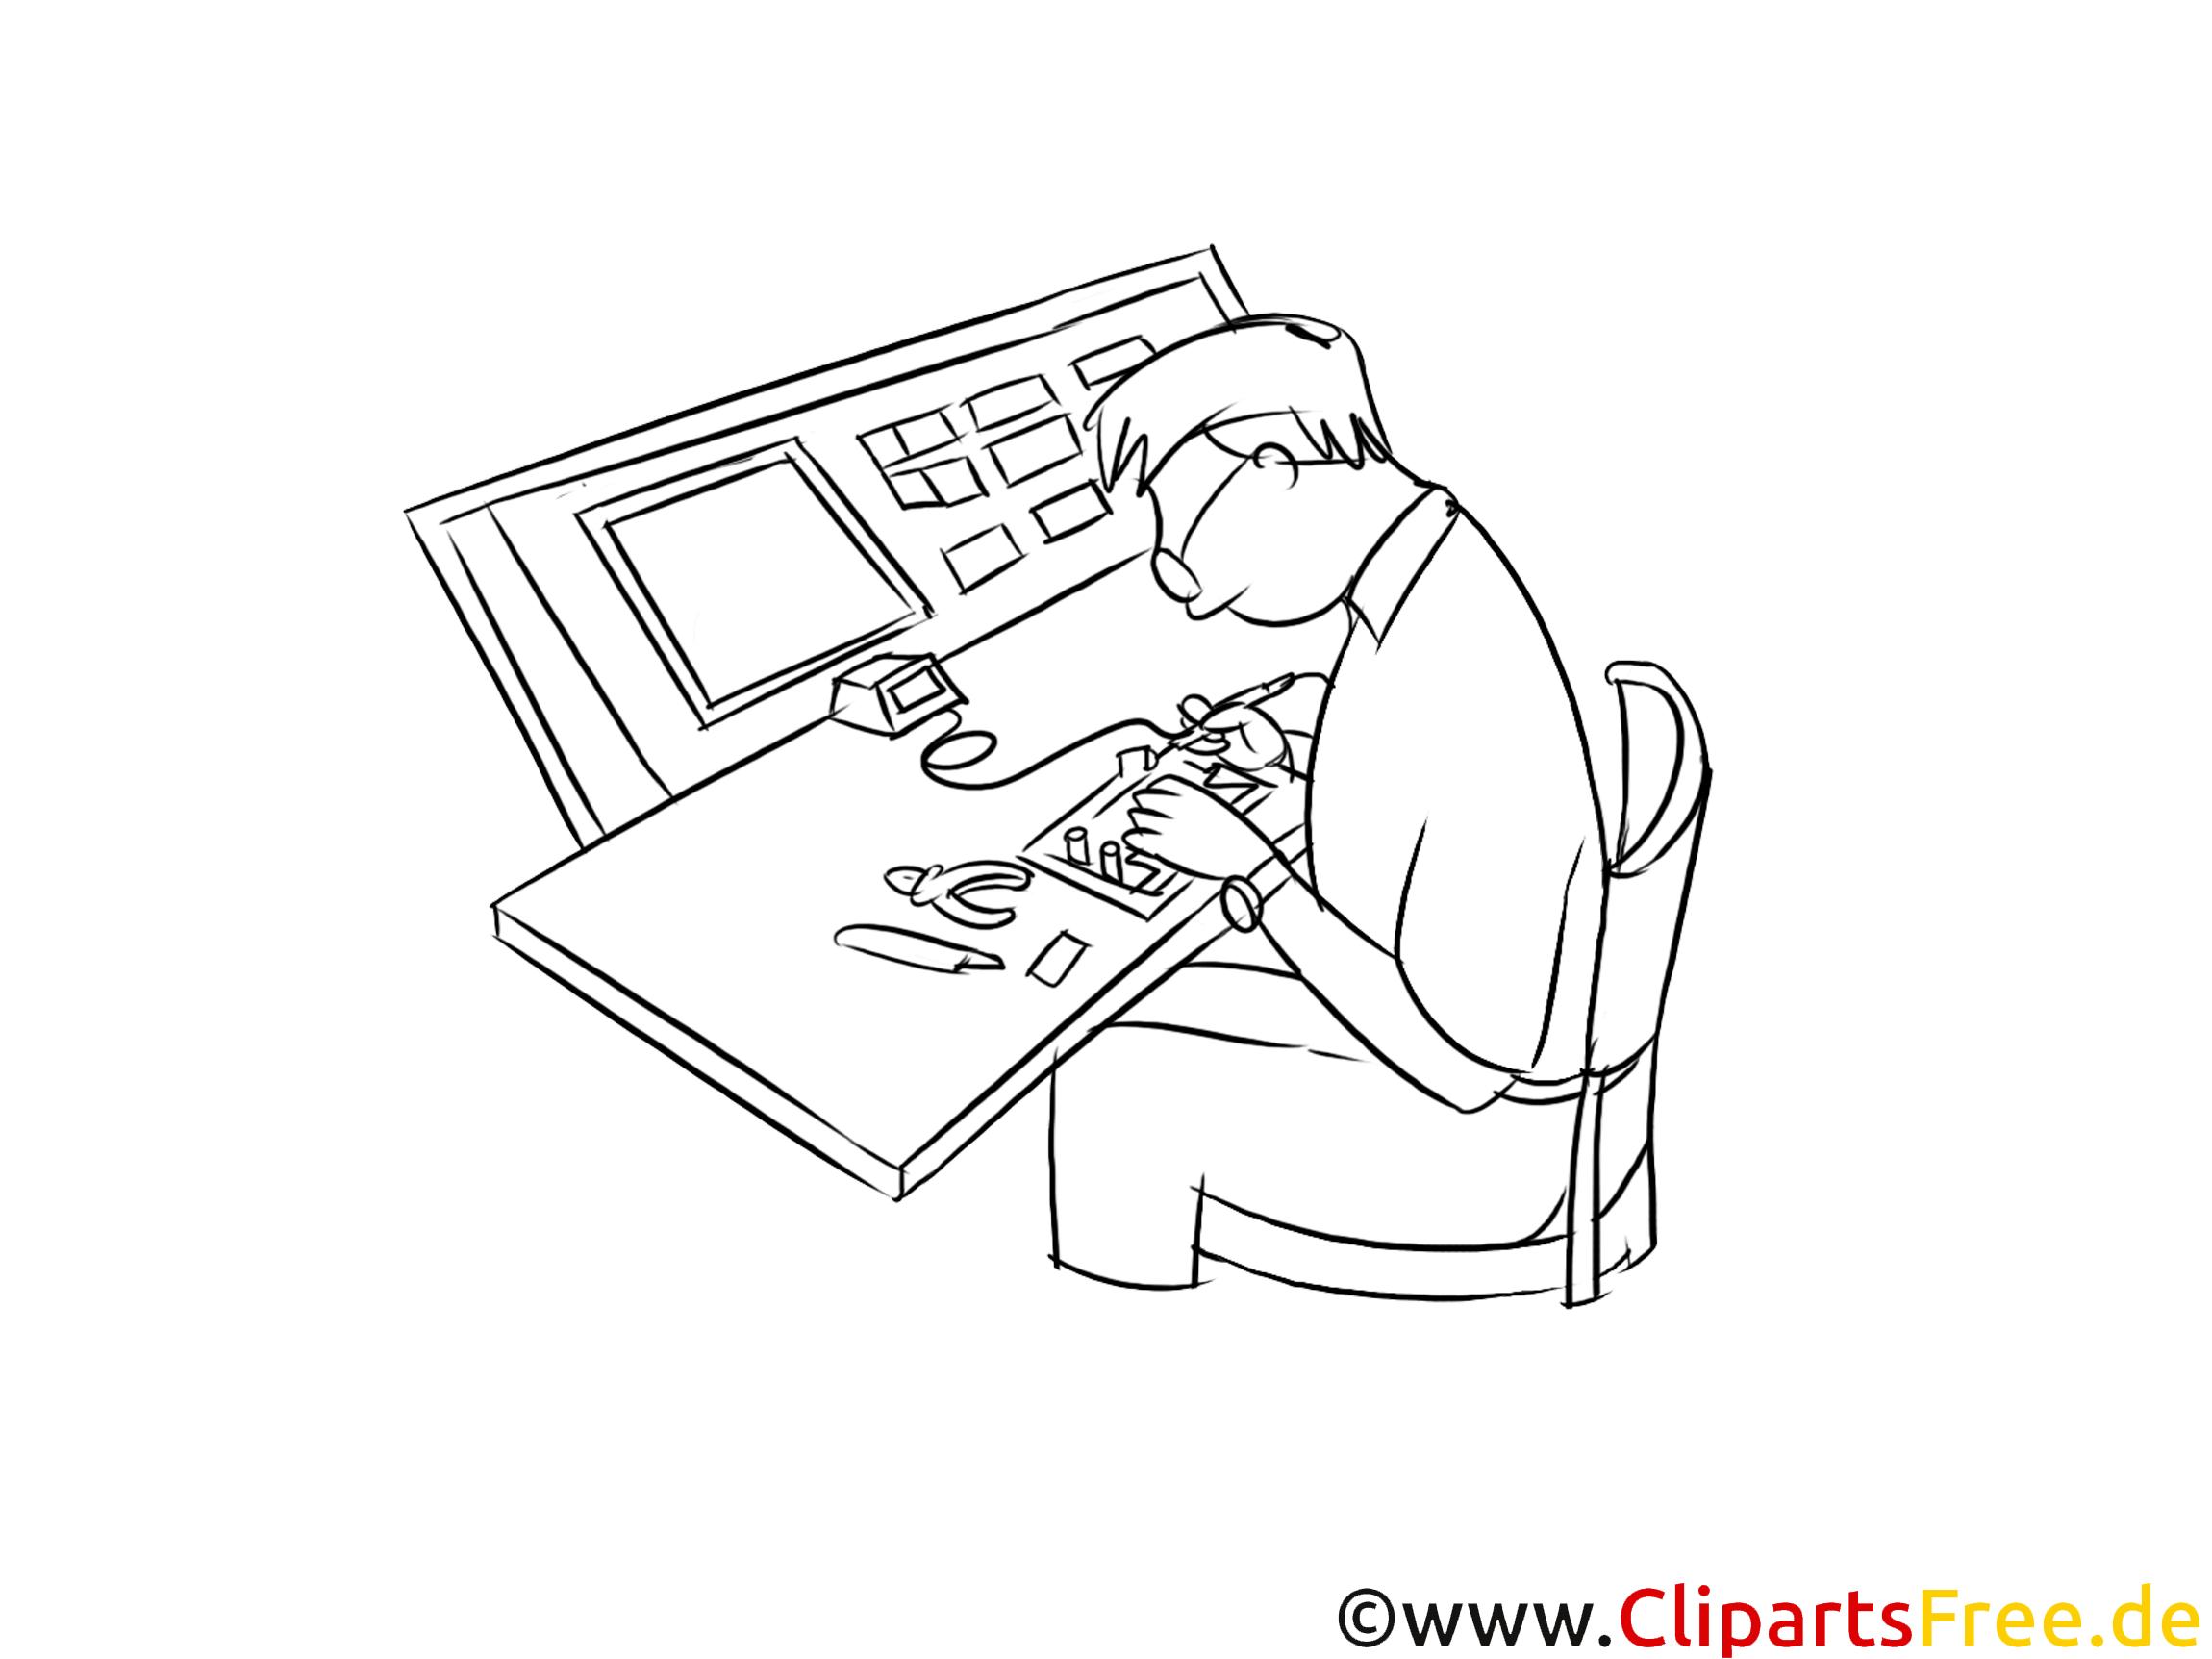 Elektroniker für Informations- und Systemtechnik schwarz weiß Clipart